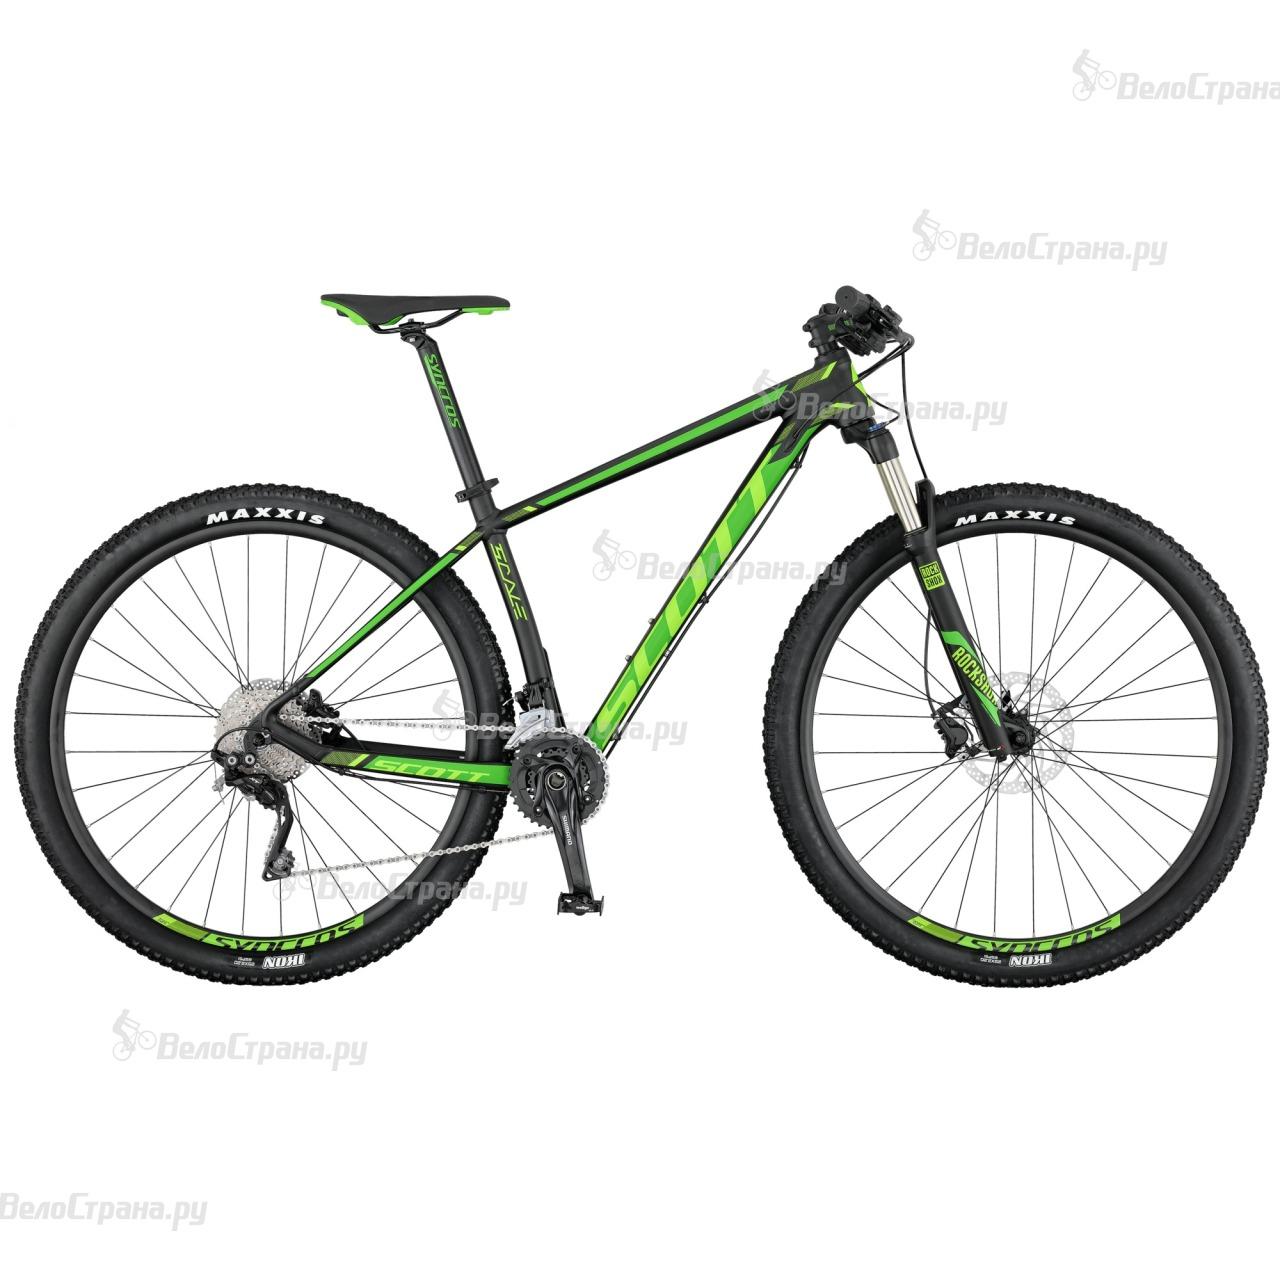 Велосипед Scott Scale 960 (2017) велосипед scott scale 700 premium 2015